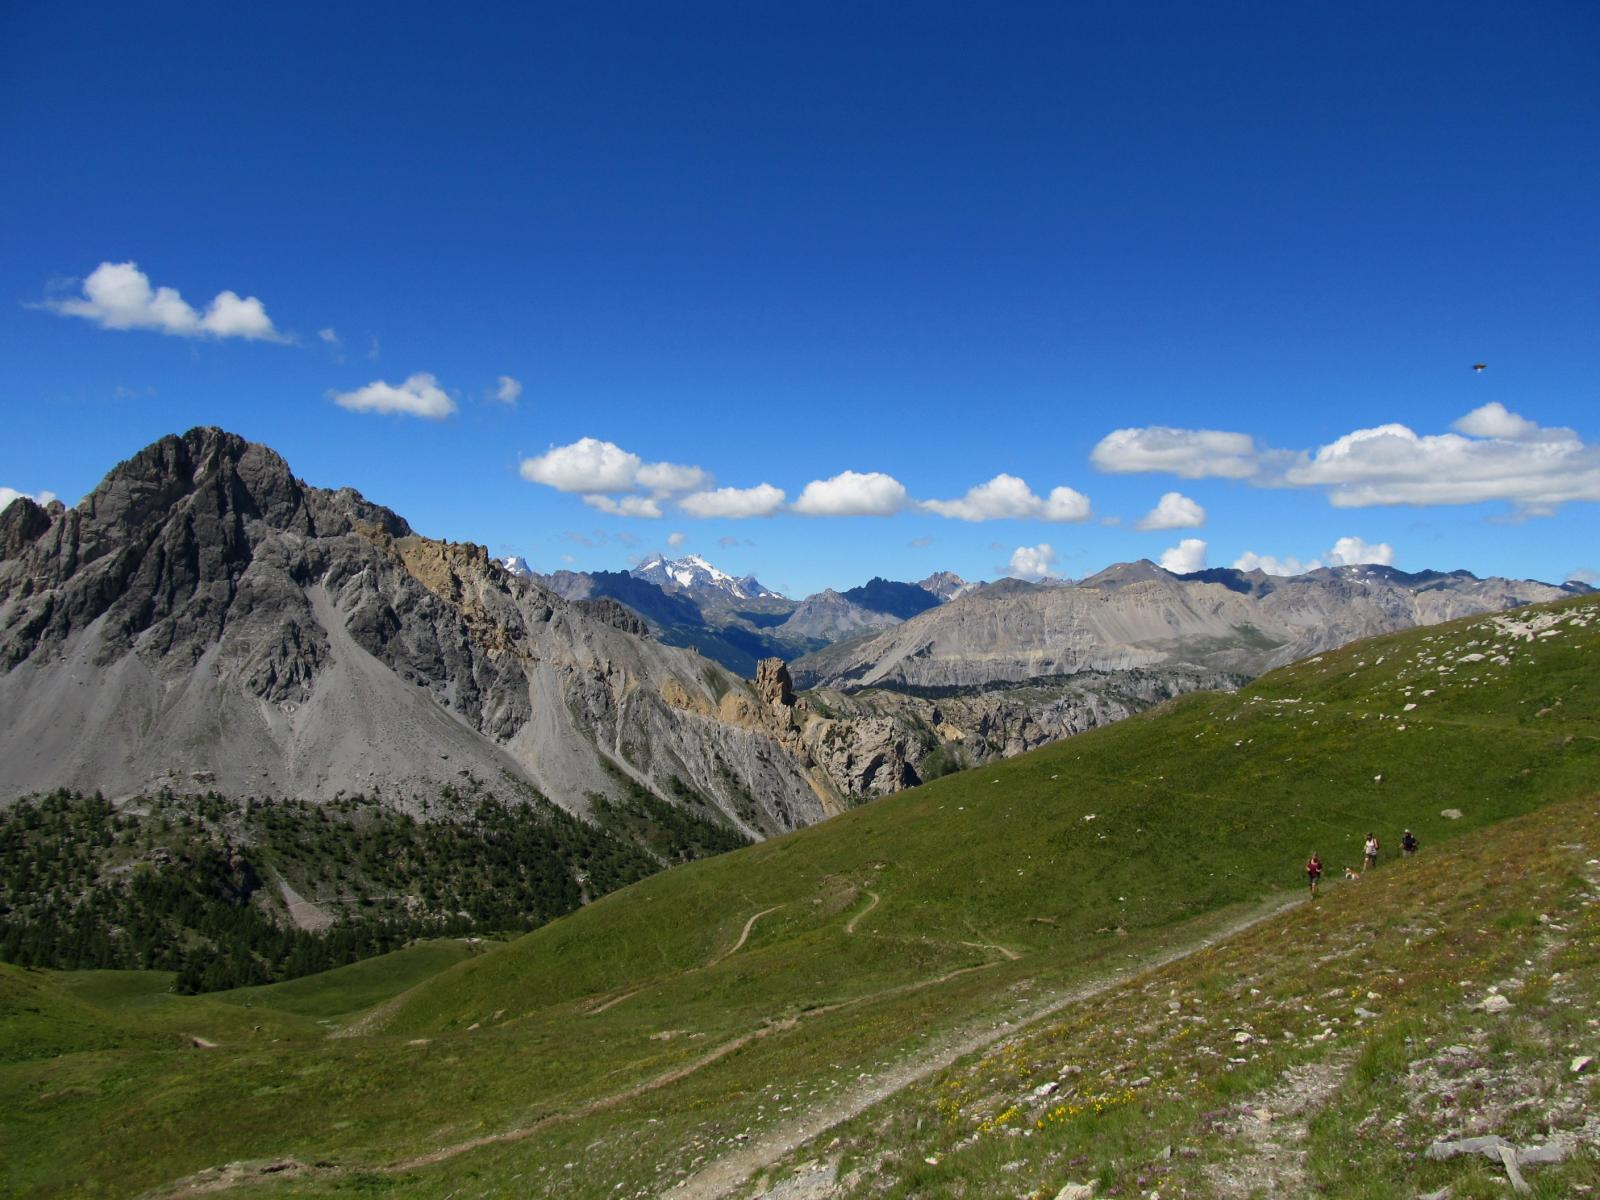 Dal passo, la discesa verso il Col des Acles, in lontananza La Meije